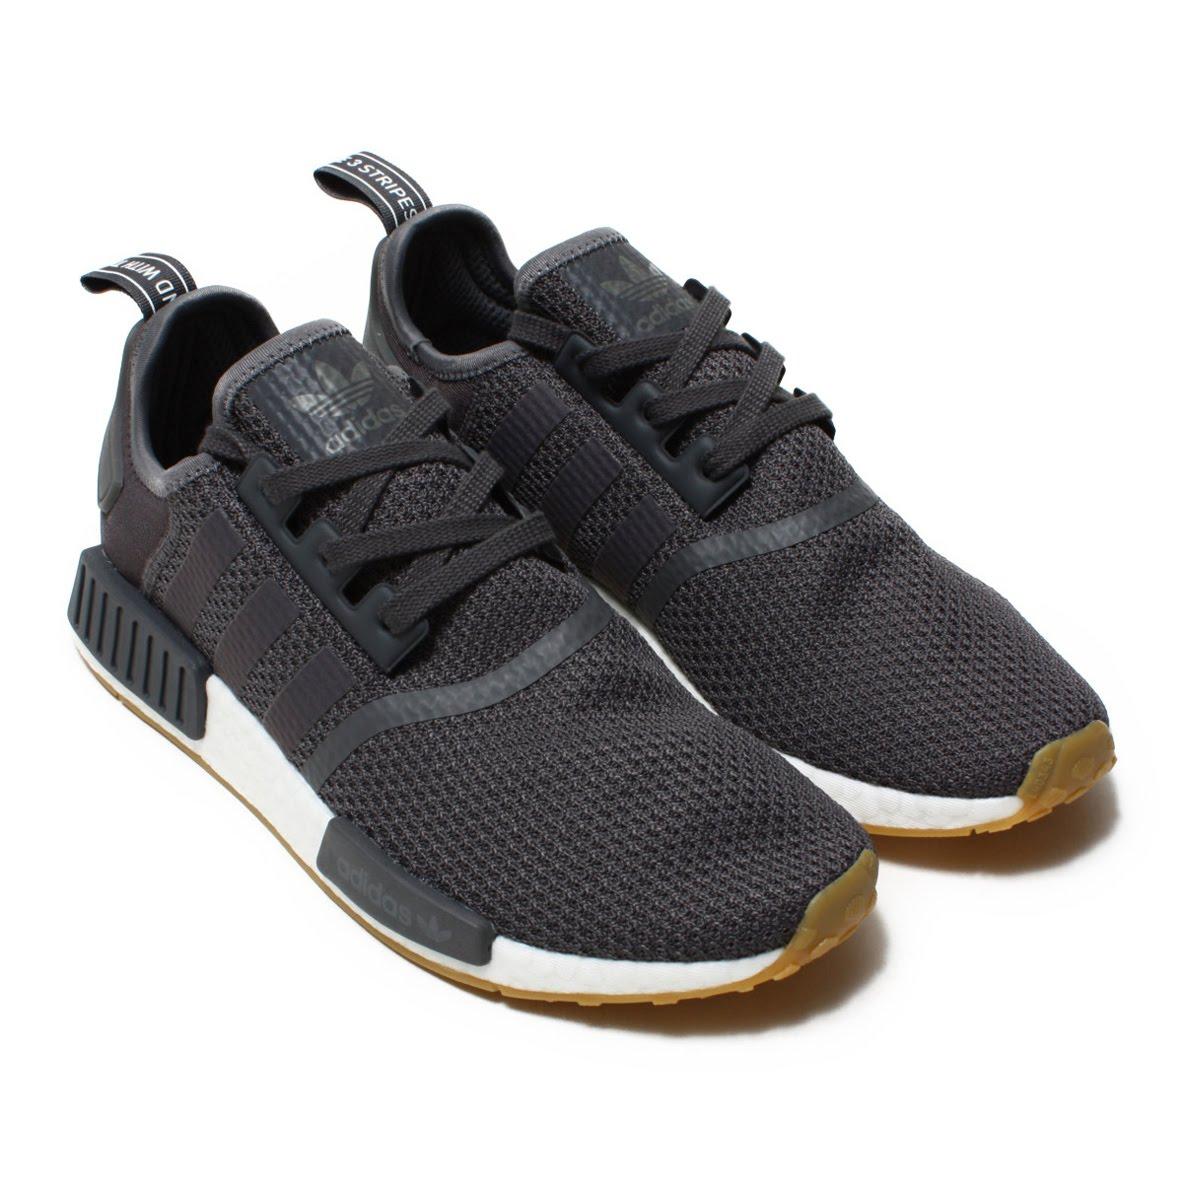 adidas NMD_R1(アディダス エヌエムディーR1)Grey/Grey/Core Black【メンズ スニーカー】18FW-I